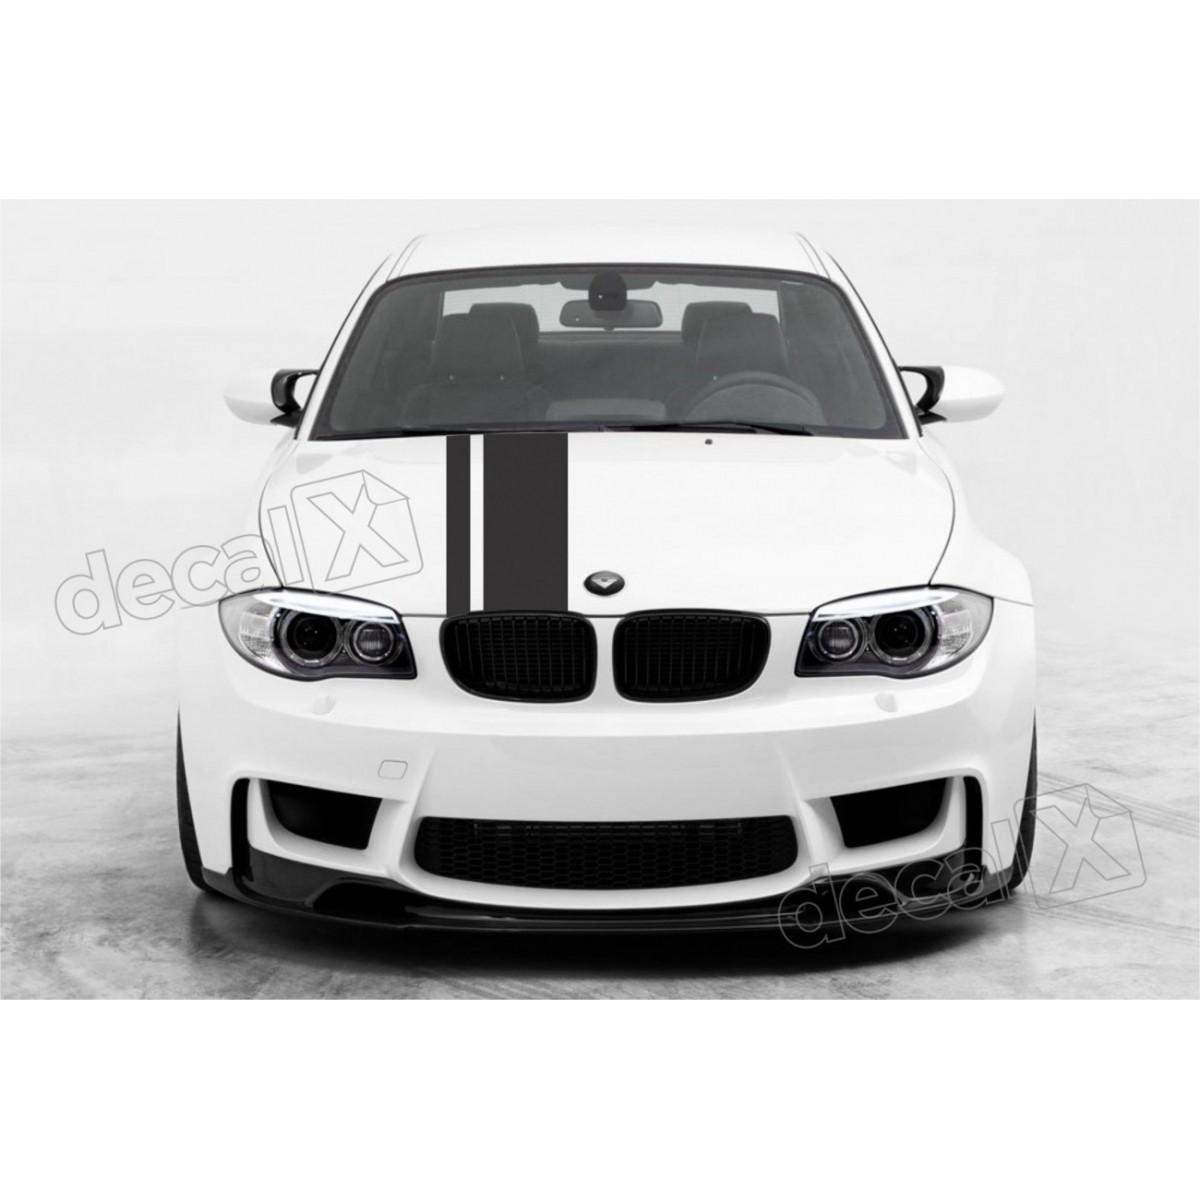 FAIXA CAPO BMW X1 BW6